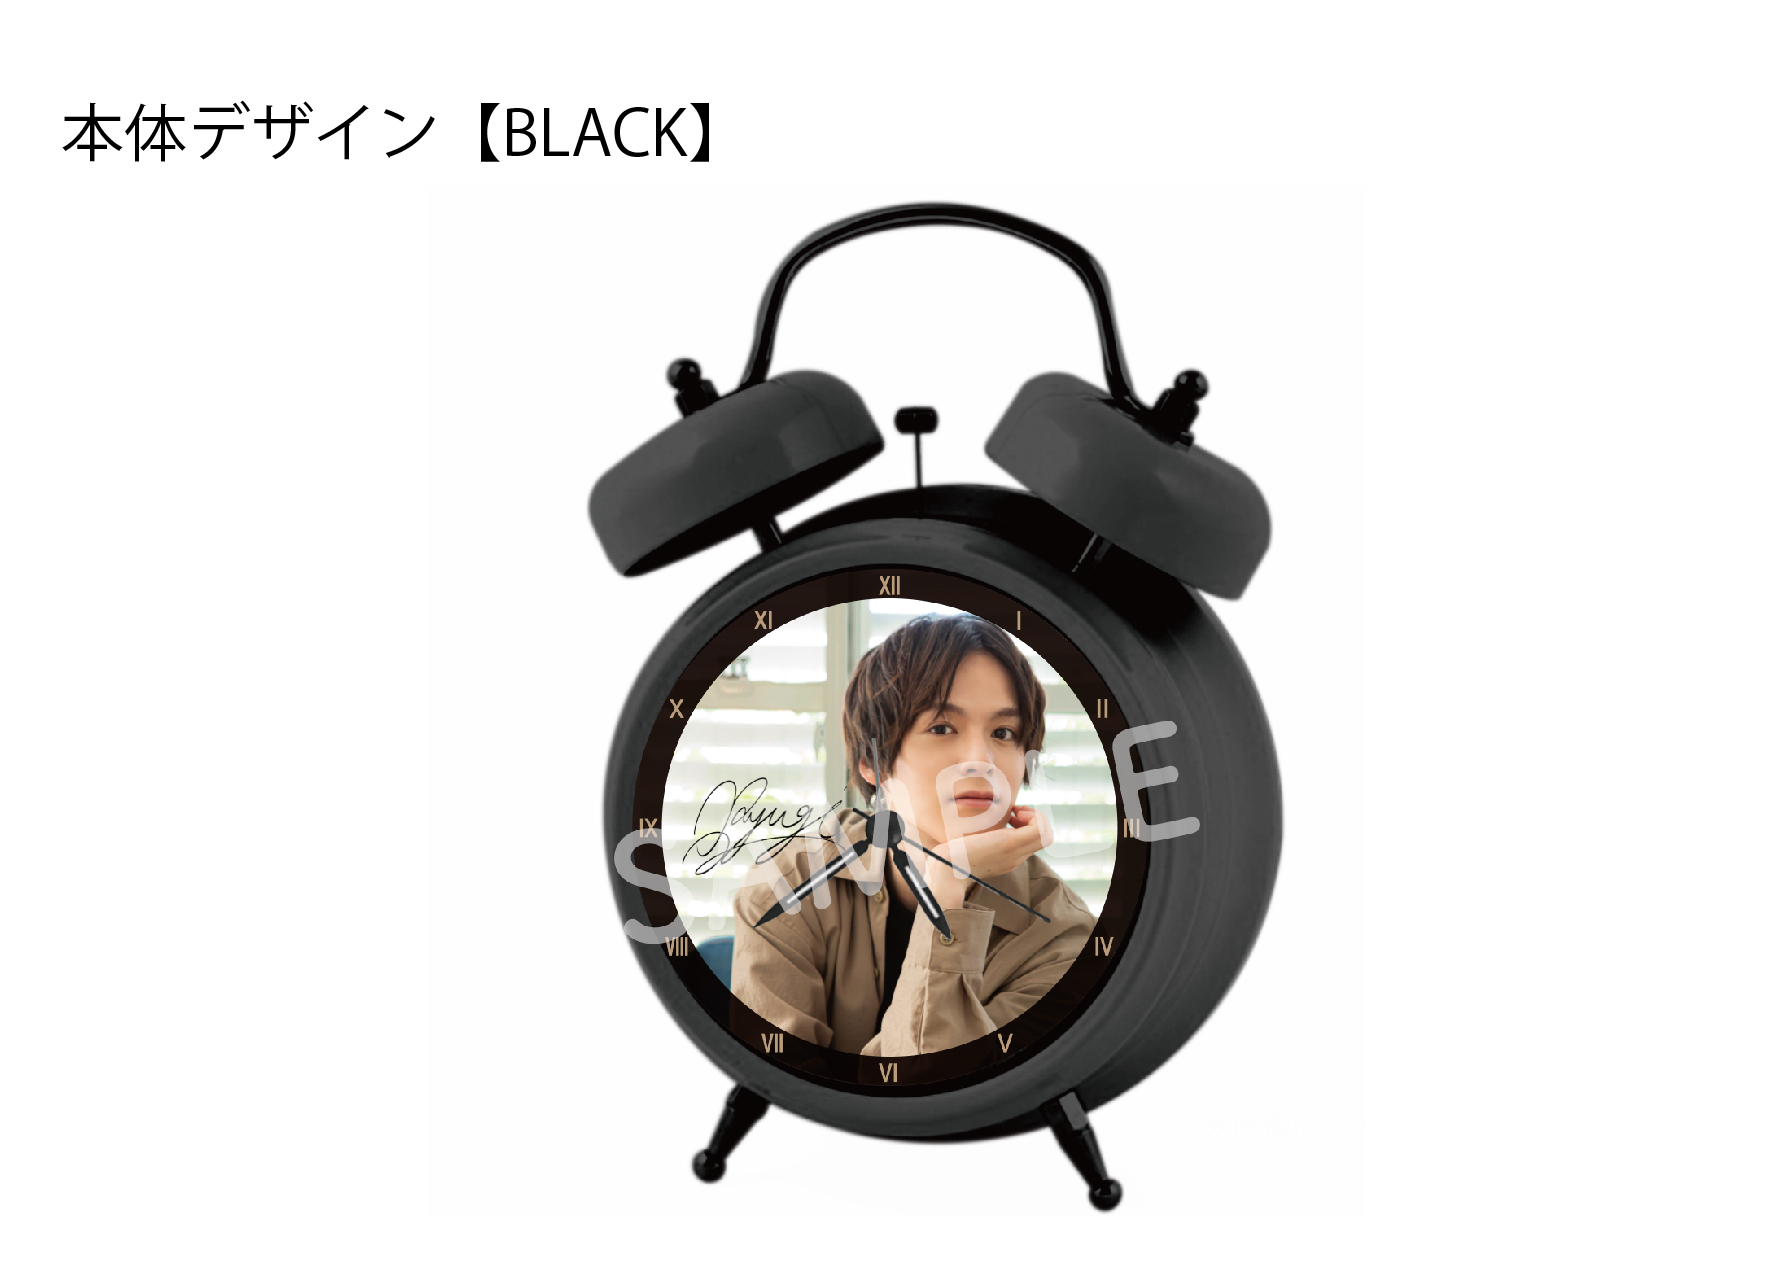 【期間限定 予約販売】オリジナルボイス目覚まし時計(BLACK)